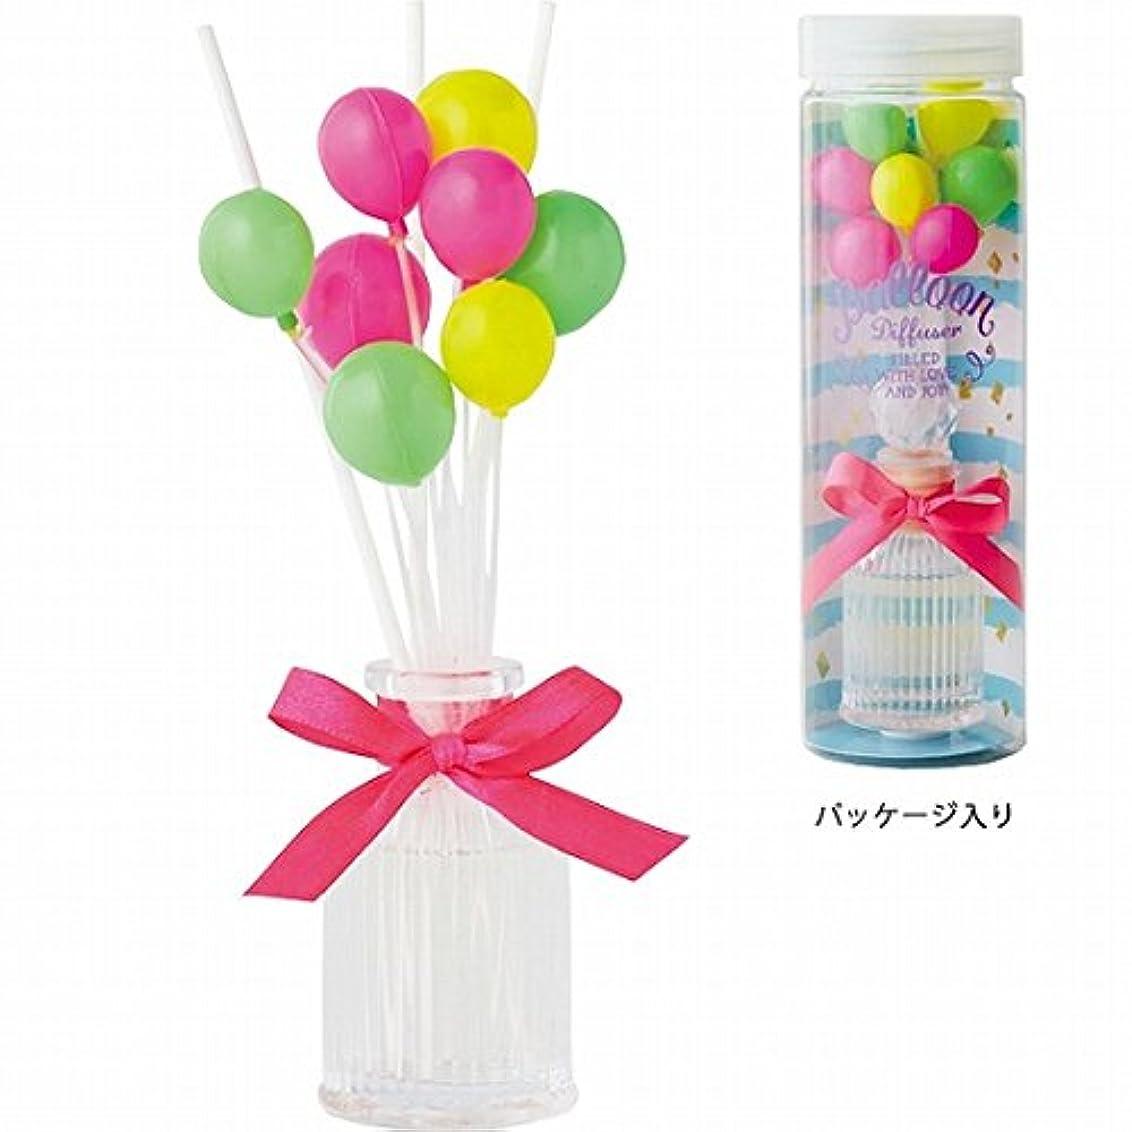 騒ぎメンバー丈夫kameyama candle(カメヤマキャンドル) バルーンディフューザー(E3290510)